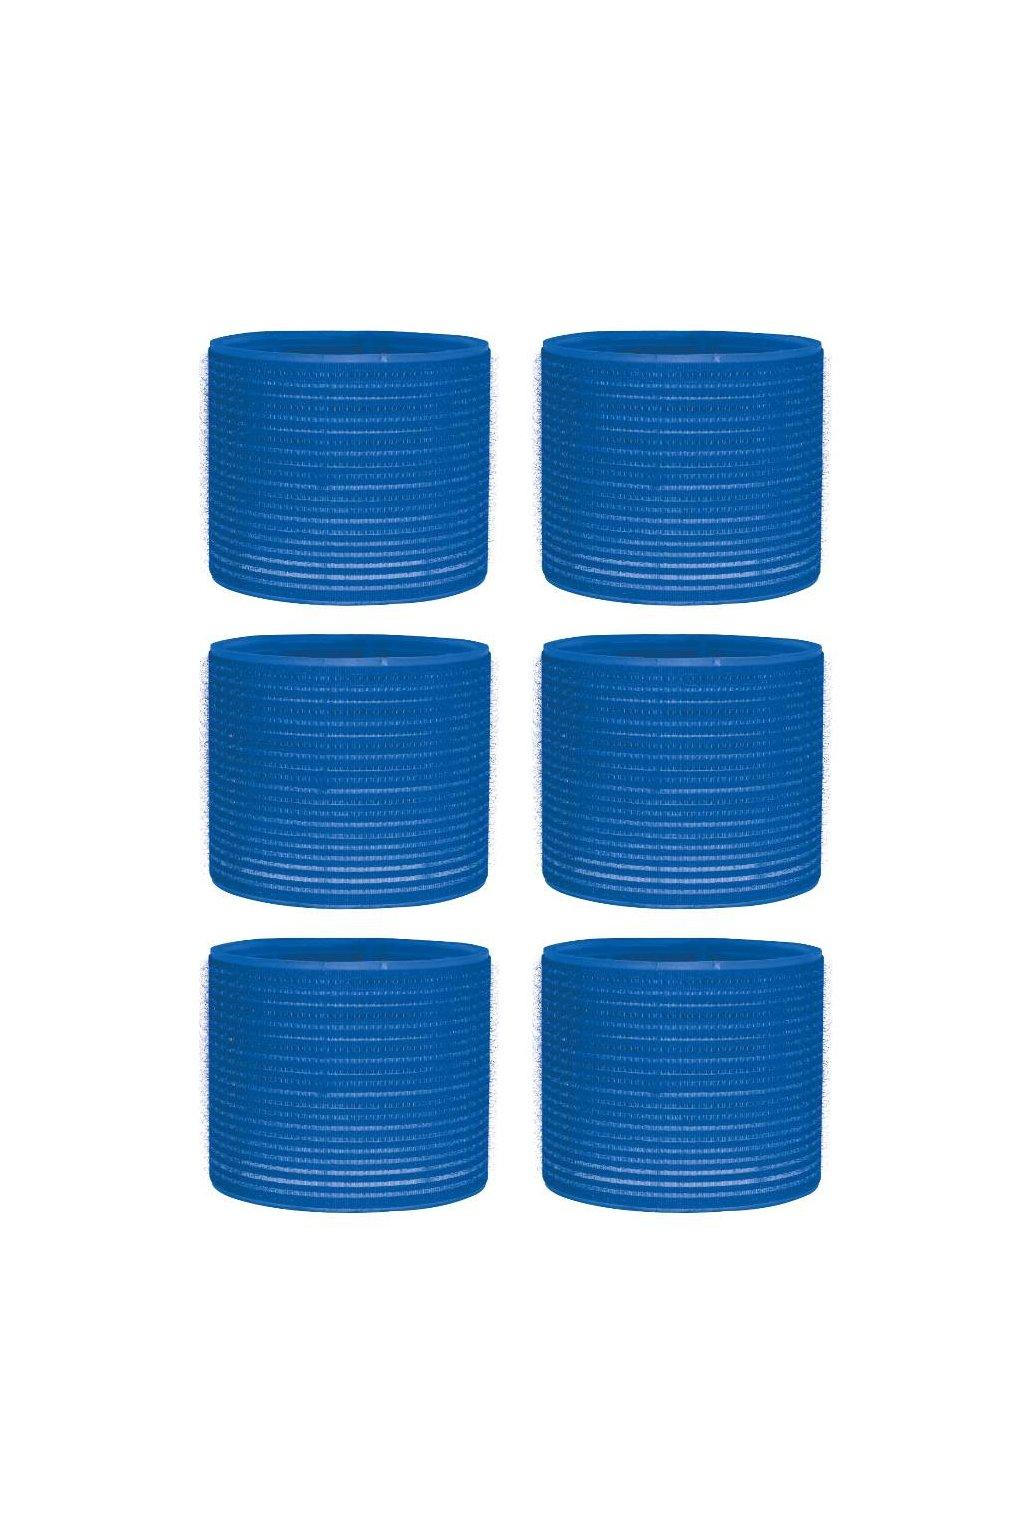 Natáčky suchý zip průměr 78mm modré tmavé Xanitalia